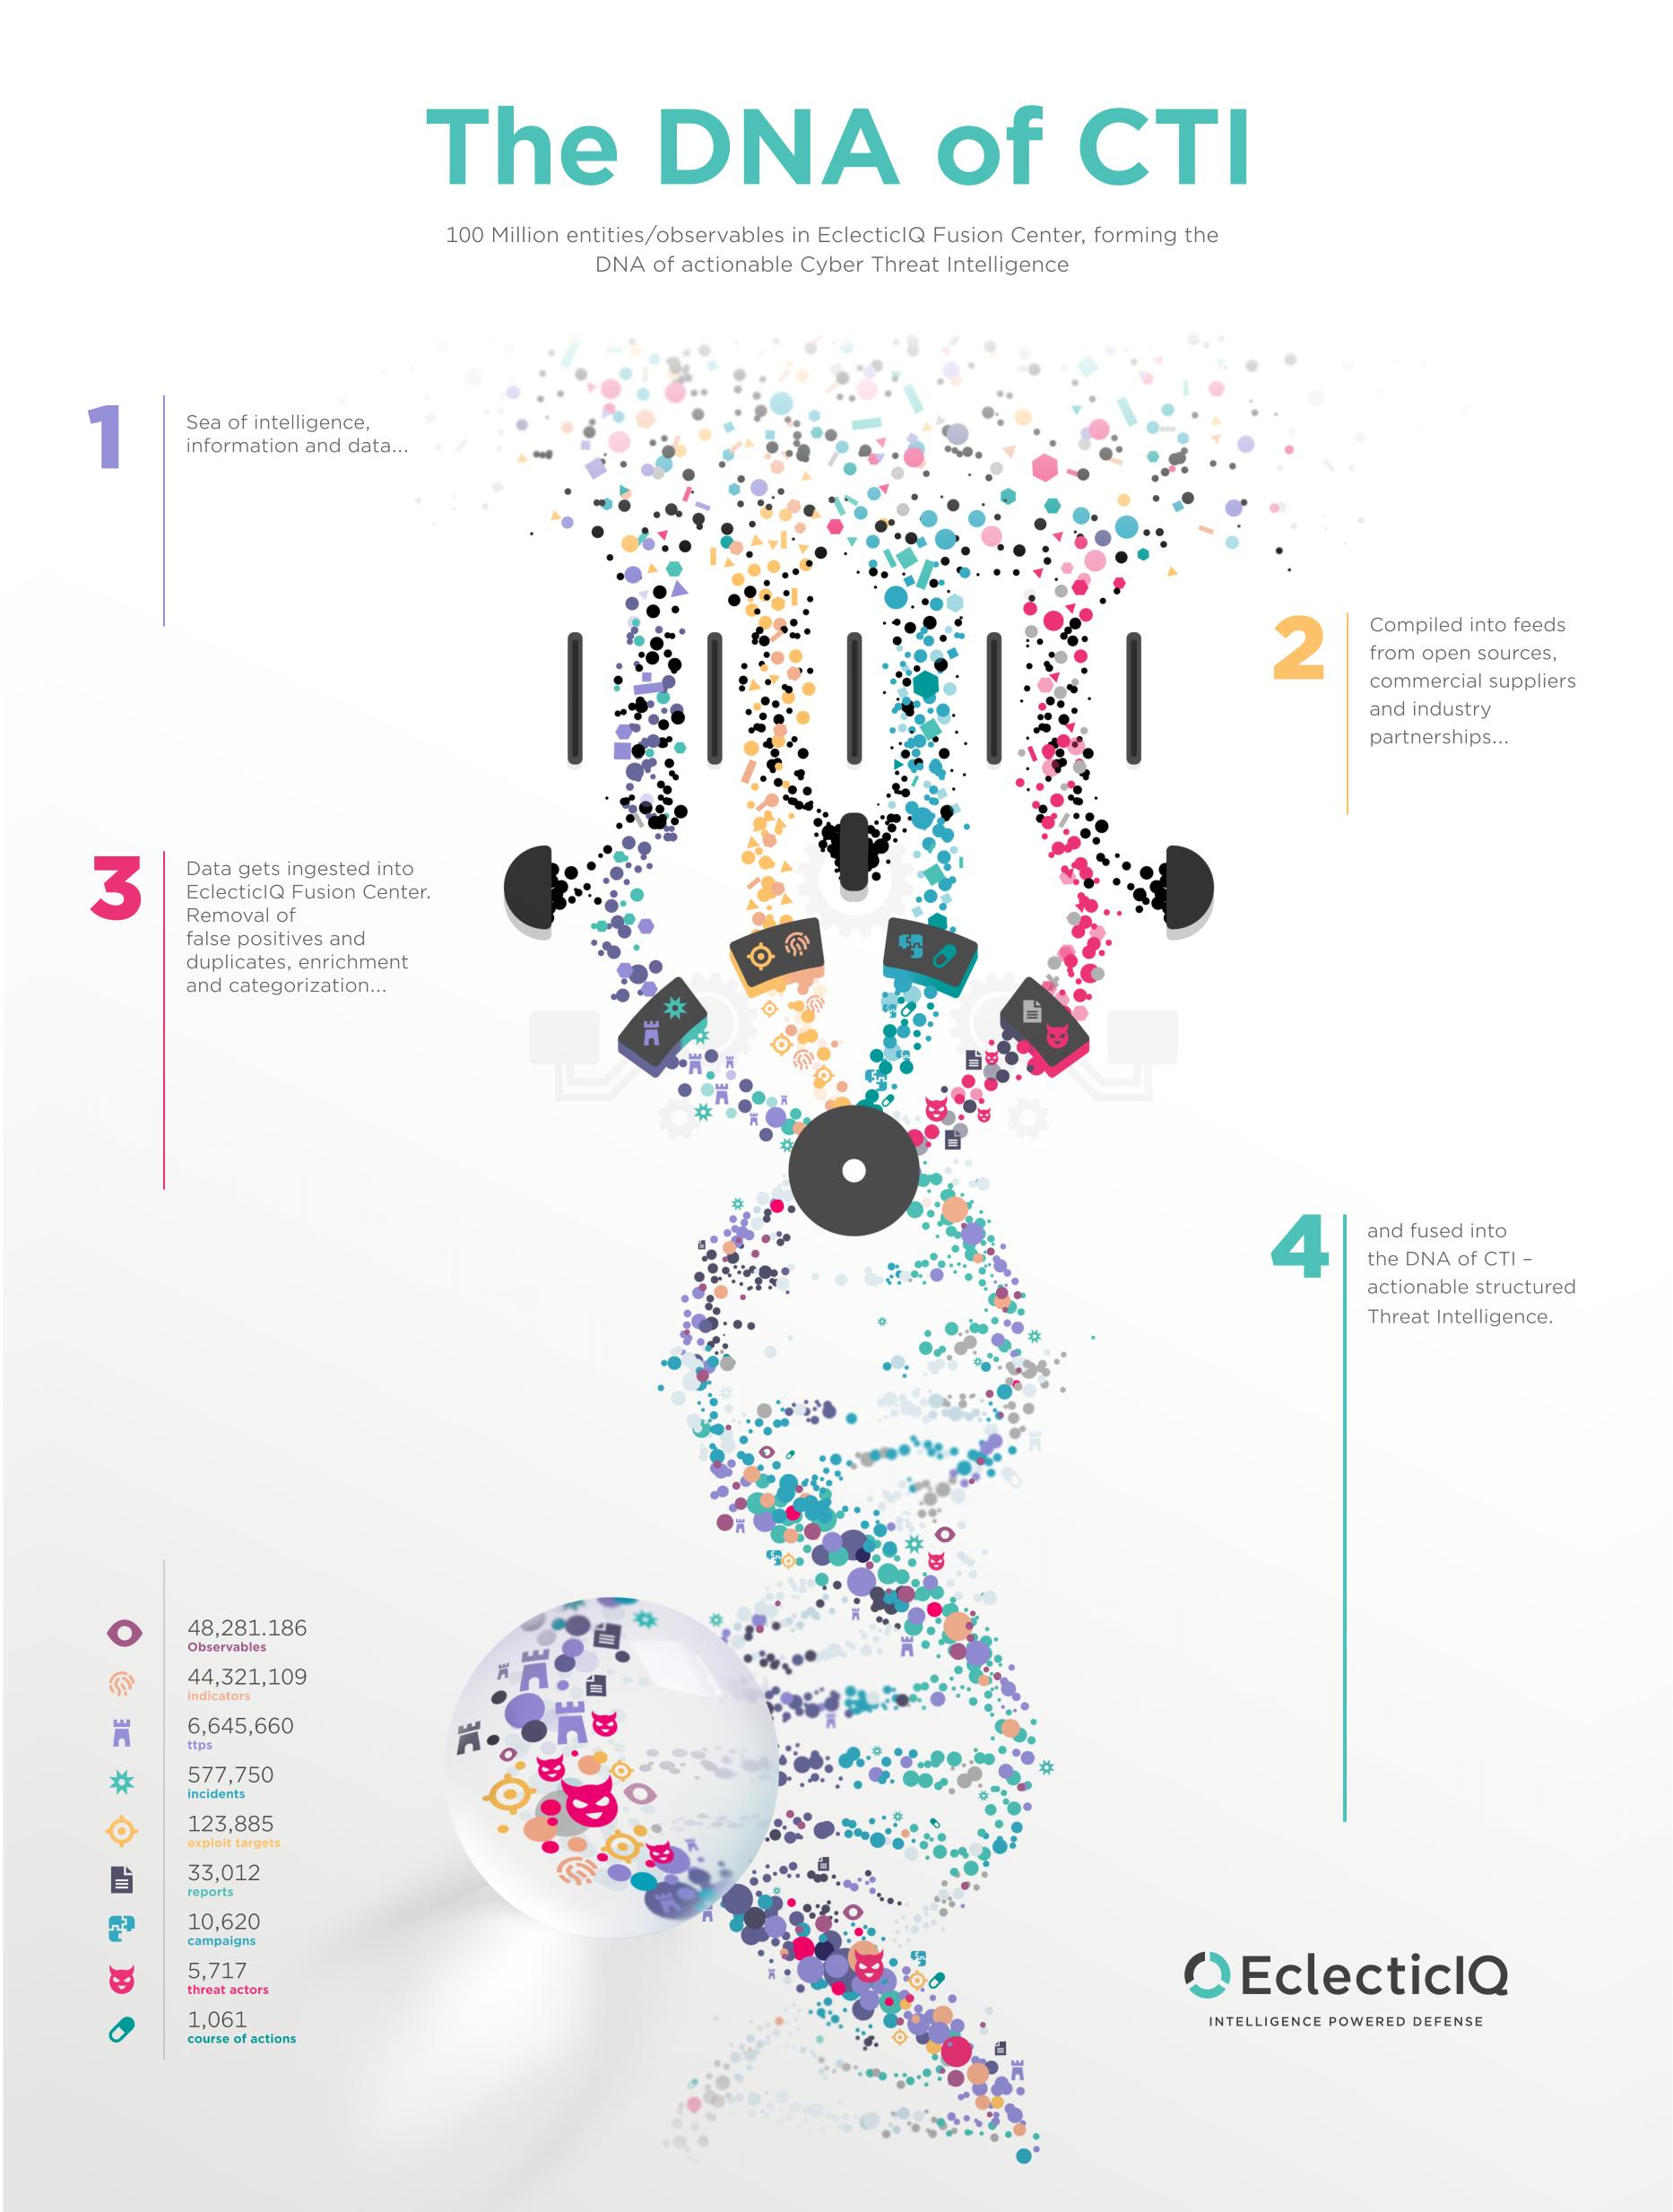 EclecticIQ DNA of CTI Infographic